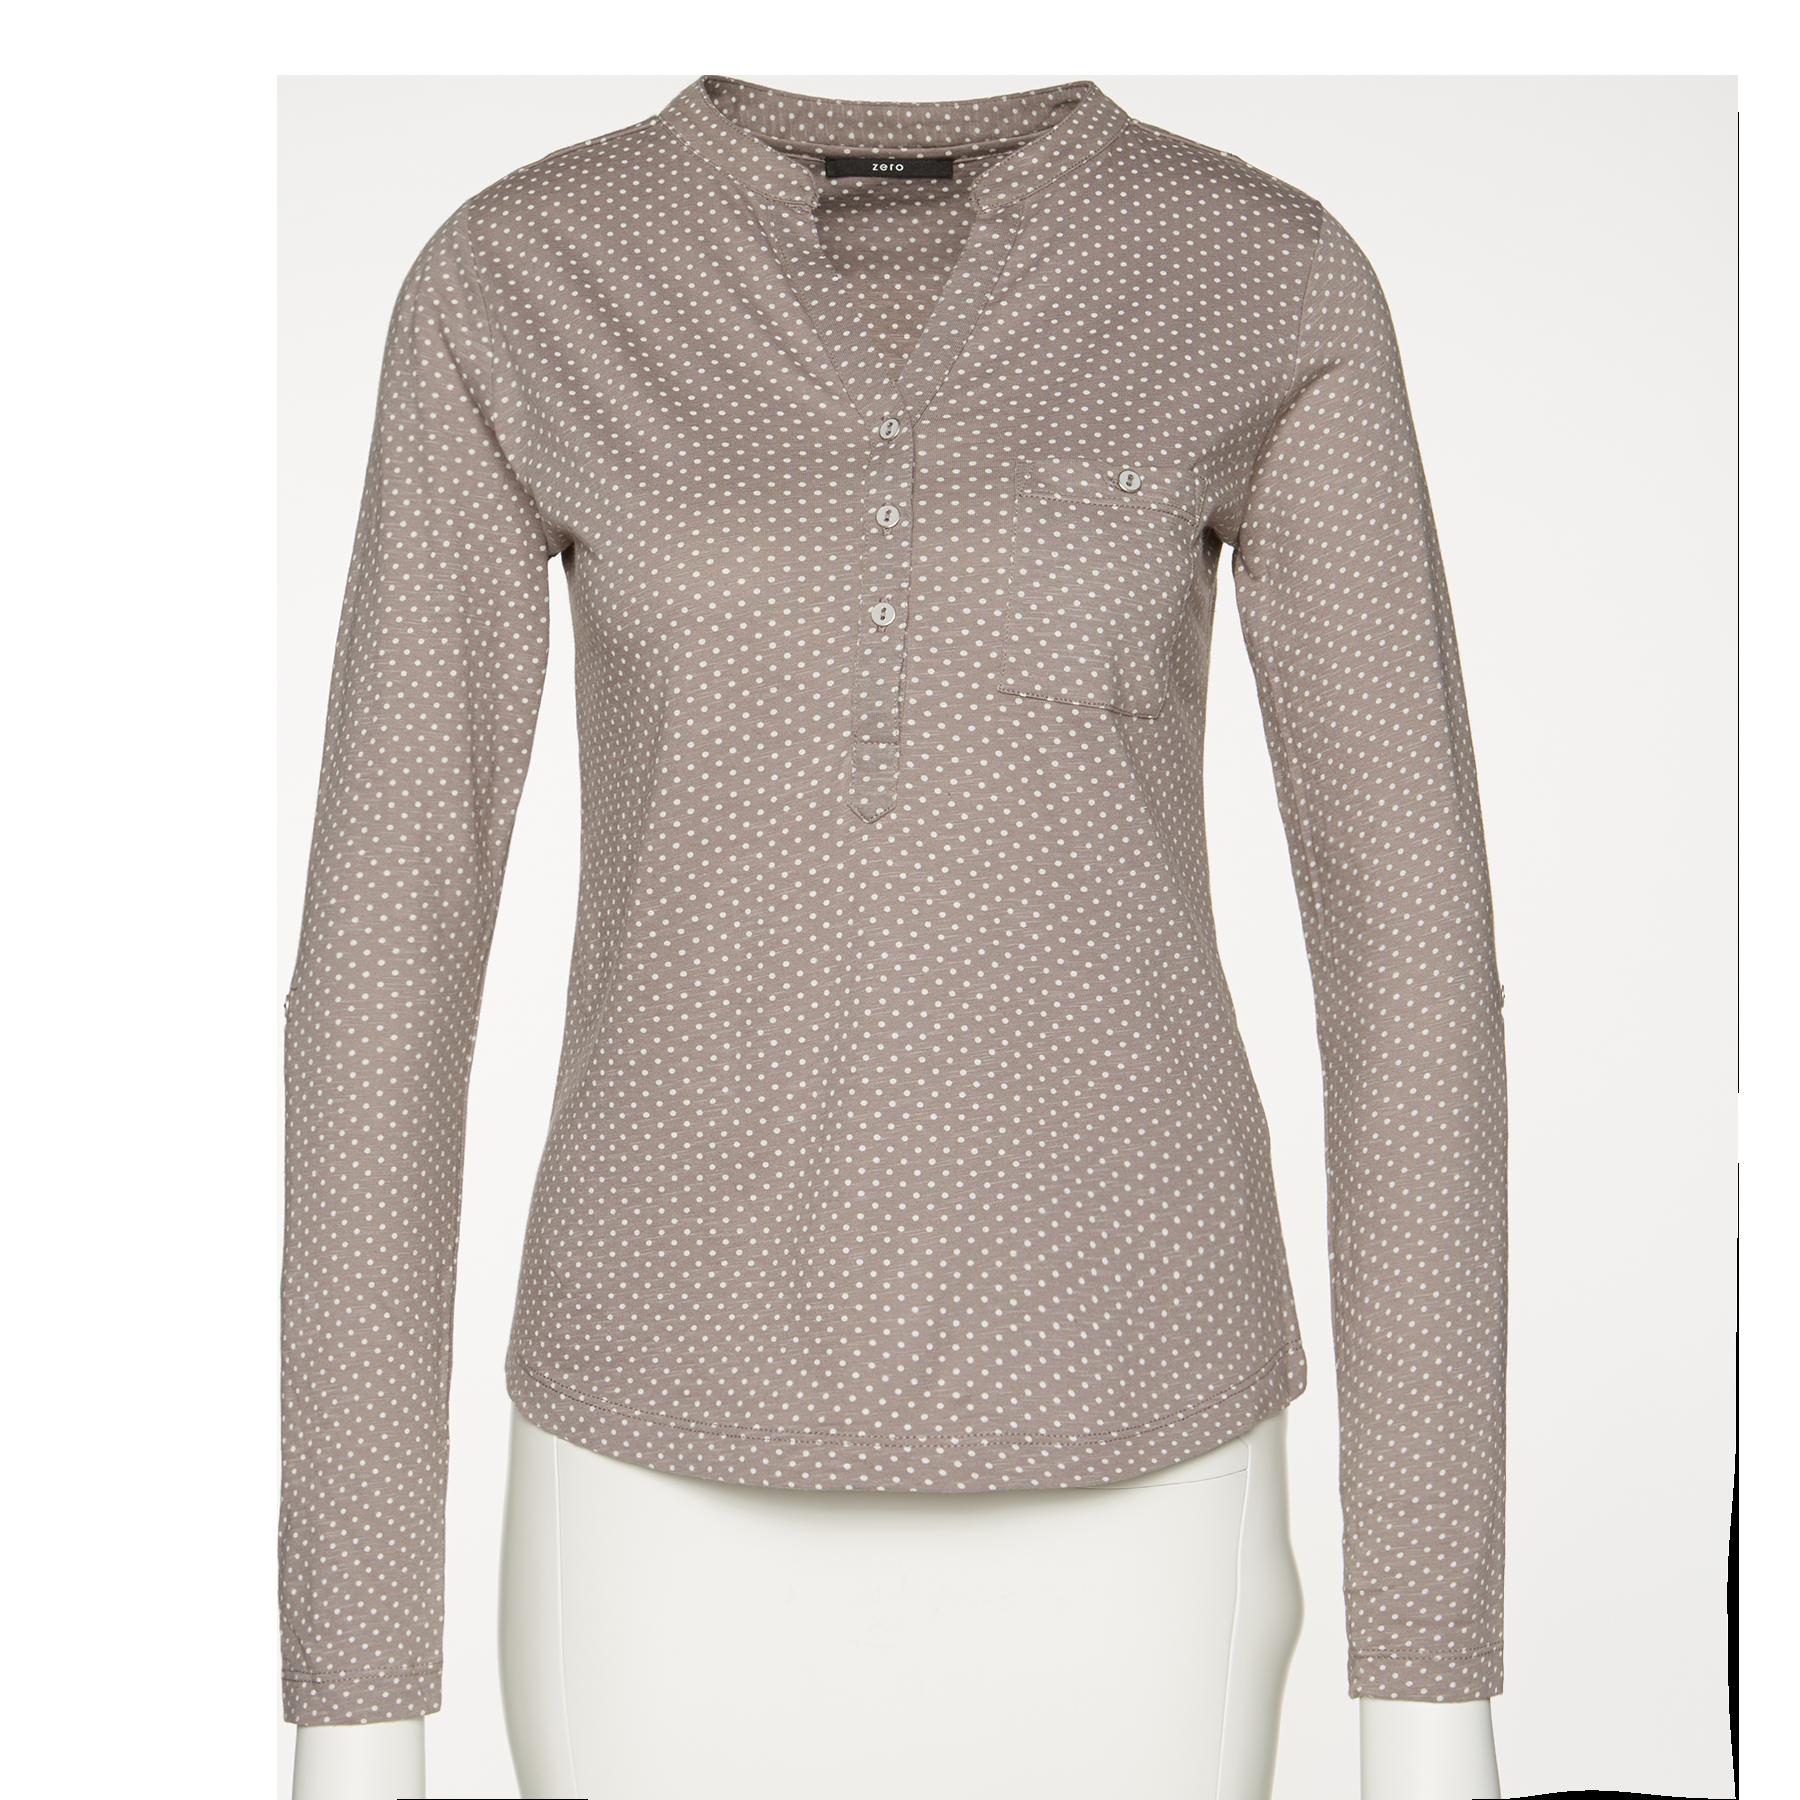 T-Shirt mit Polka Dots silver grey